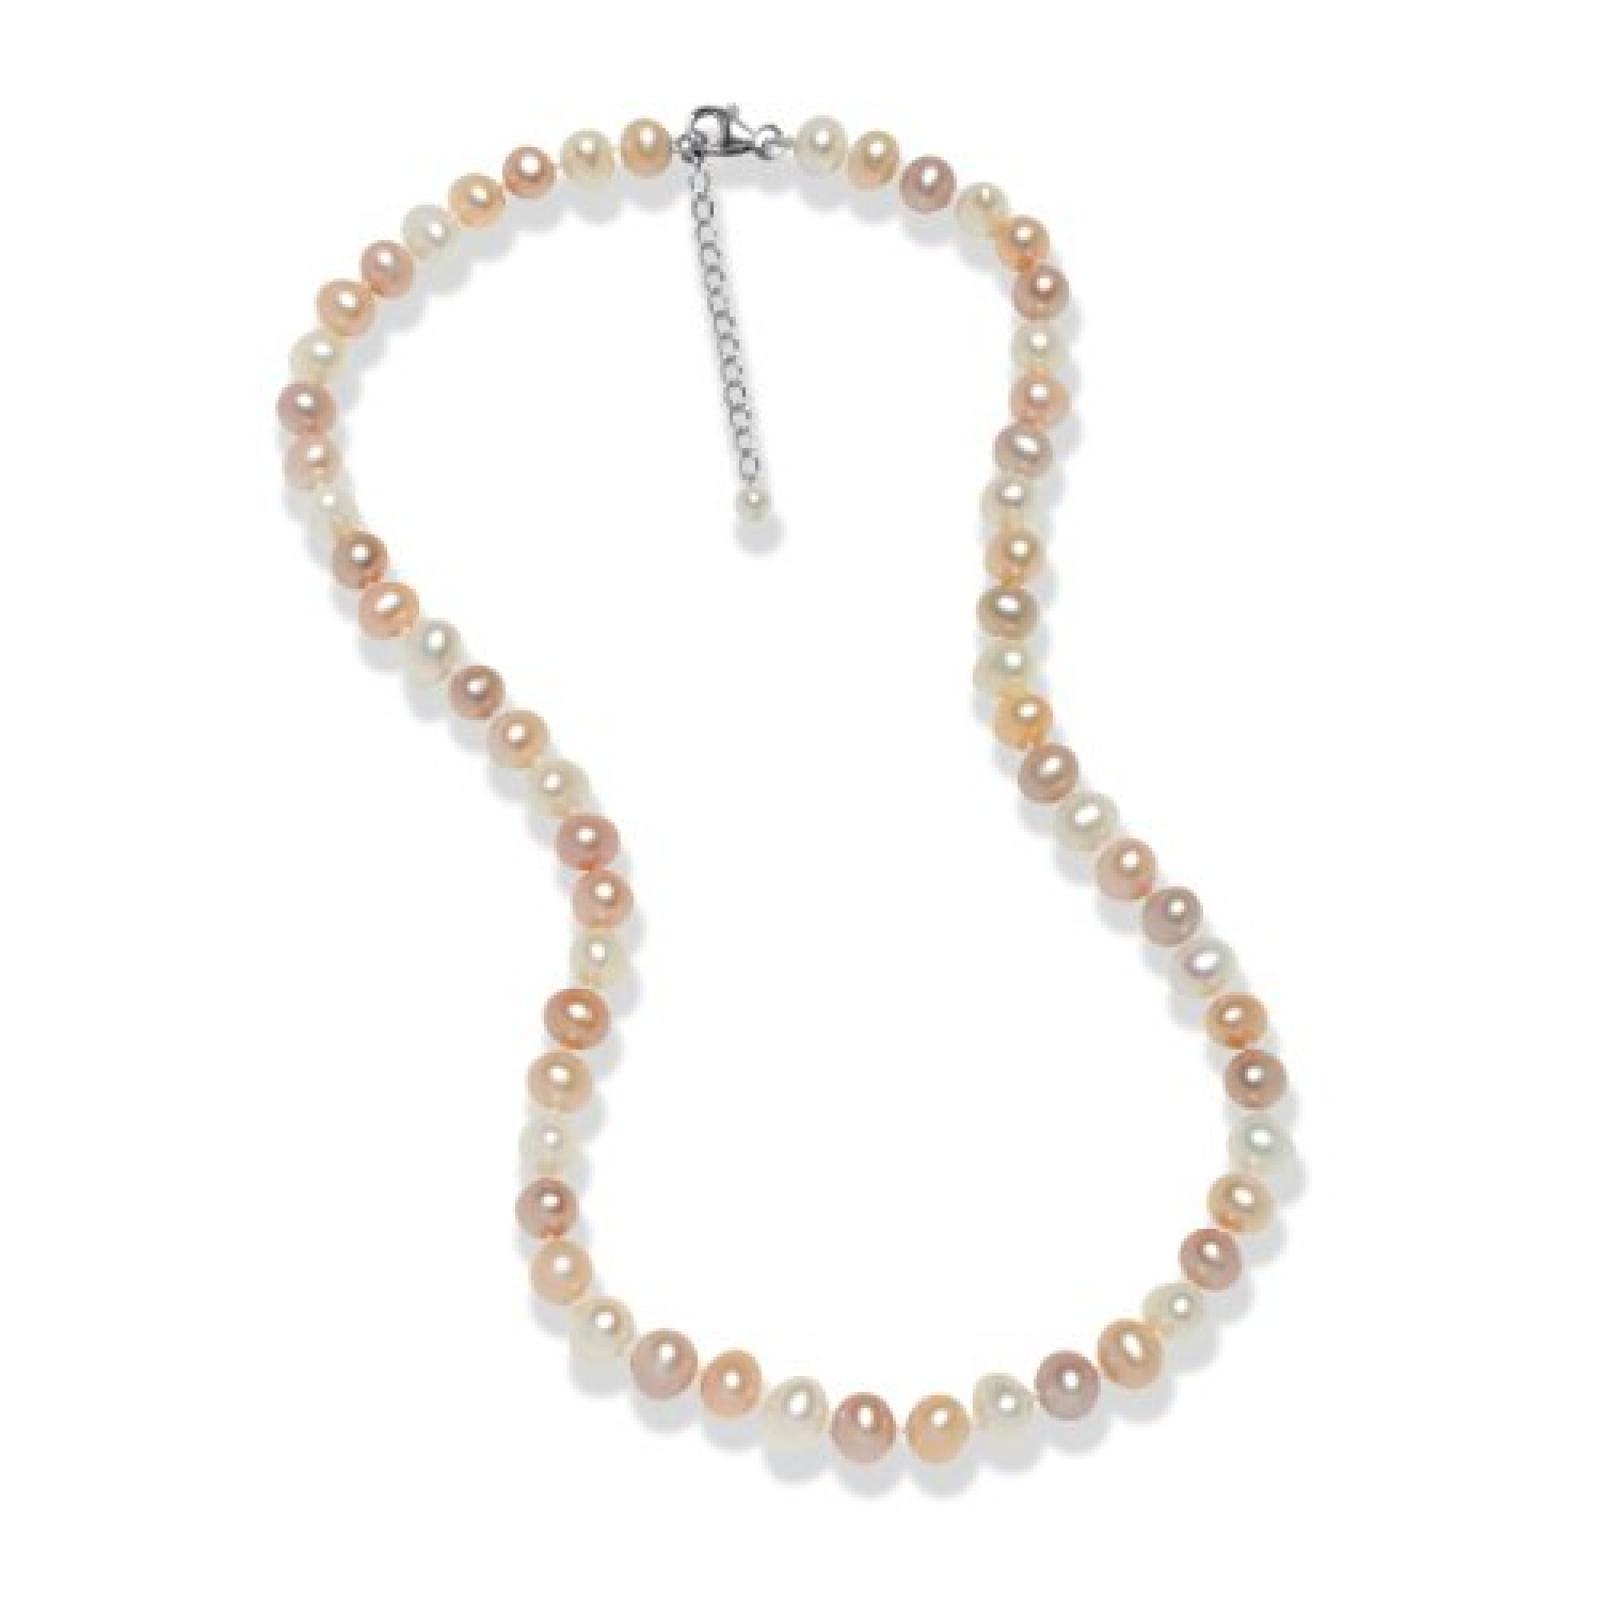 Valero Pearls Classic Collection Damen-Kette Hochwertige Süßwasser-Zuchtperlen in ca.  7 mm Oval weiß / apricot / flieder 925 Sterling Silber    45 cm + 5 cm Verlängerung   60201627